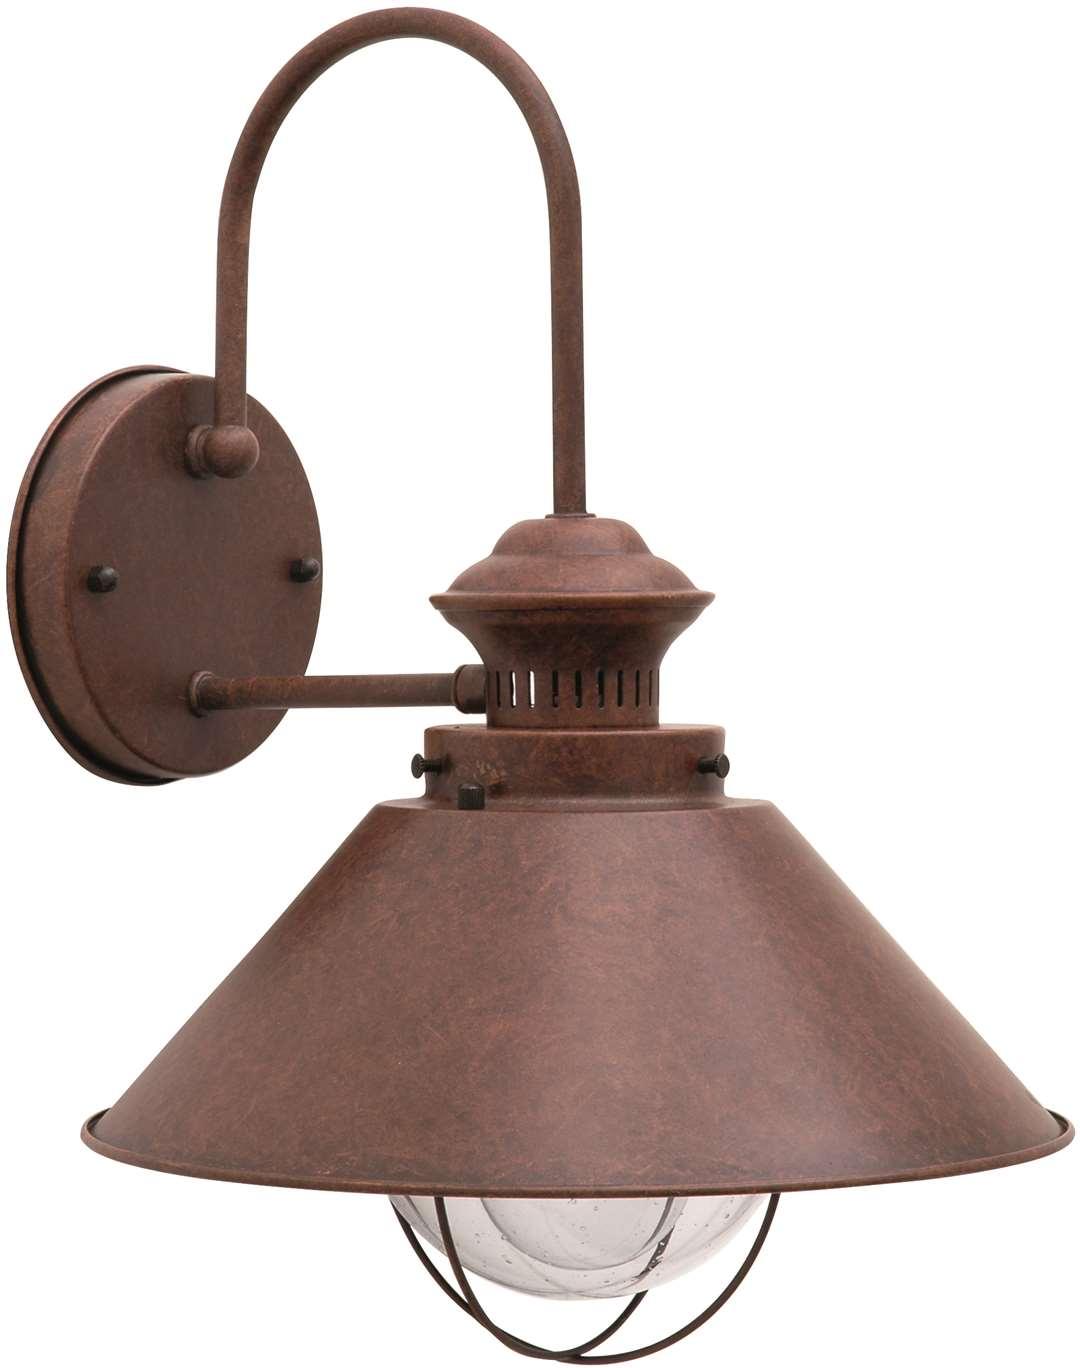 Vägglampa Stora Bält, Rost, Kupa klar, E27, IP23 - 7565070 ... : stallampa : Inredning